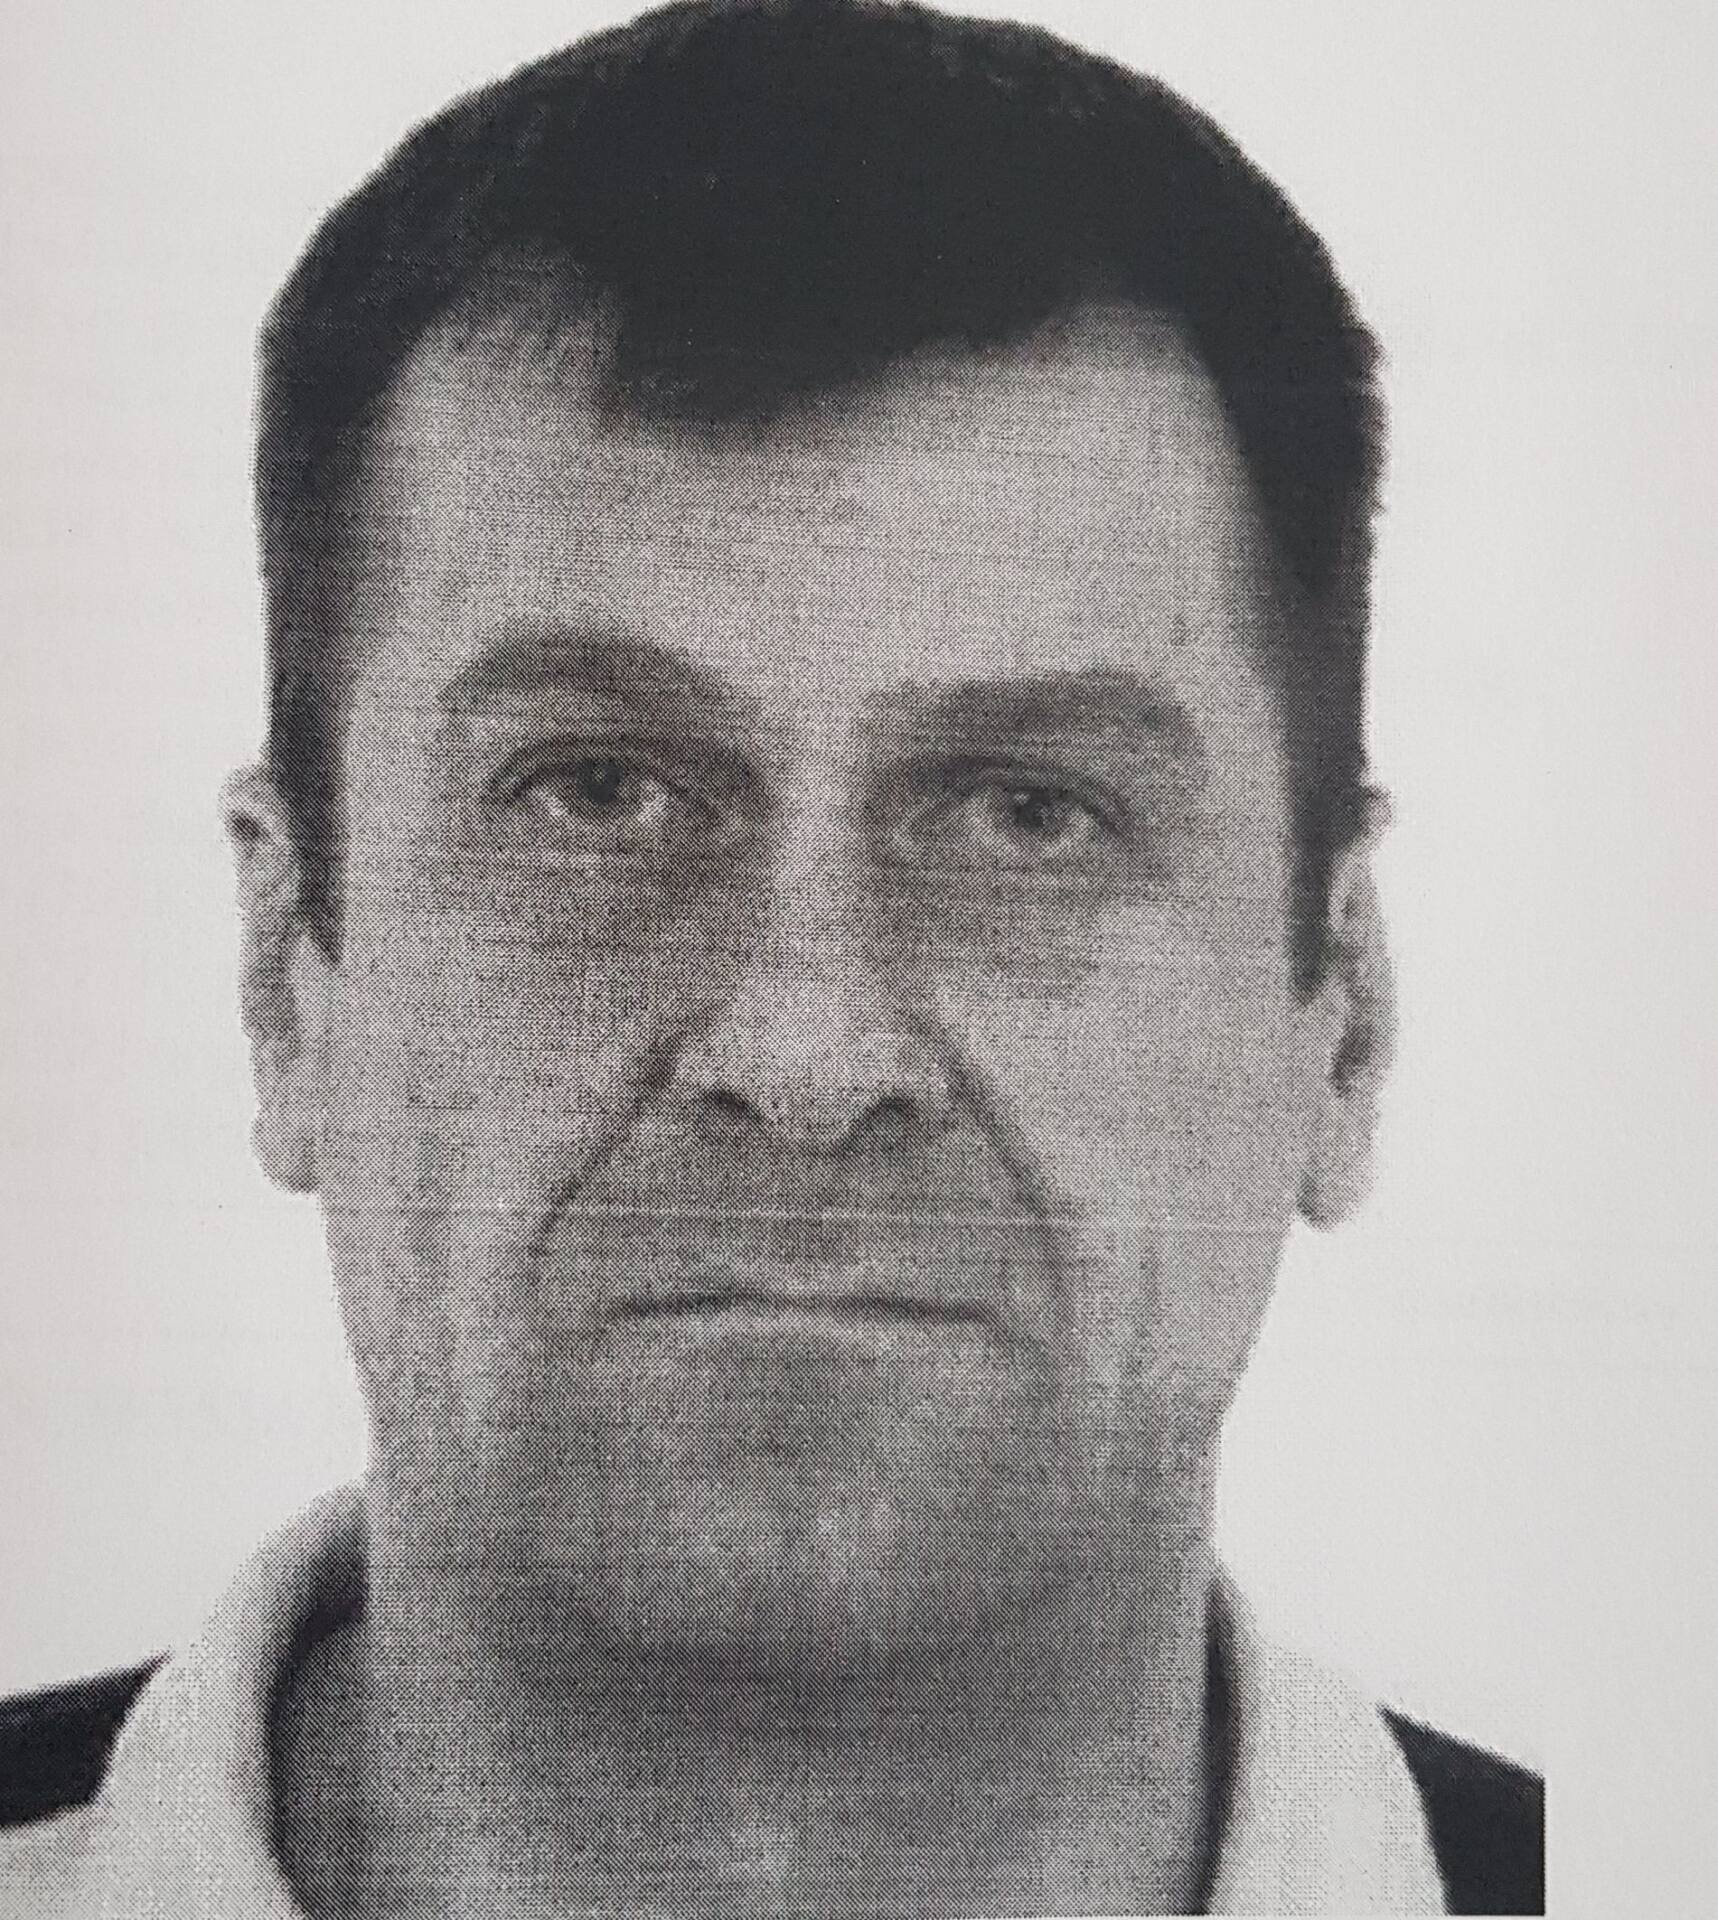 344 180425 Wyjechał do pracy w Niemczech i ślad po nim zaginął. Policja poszukuje Konrada Koziary